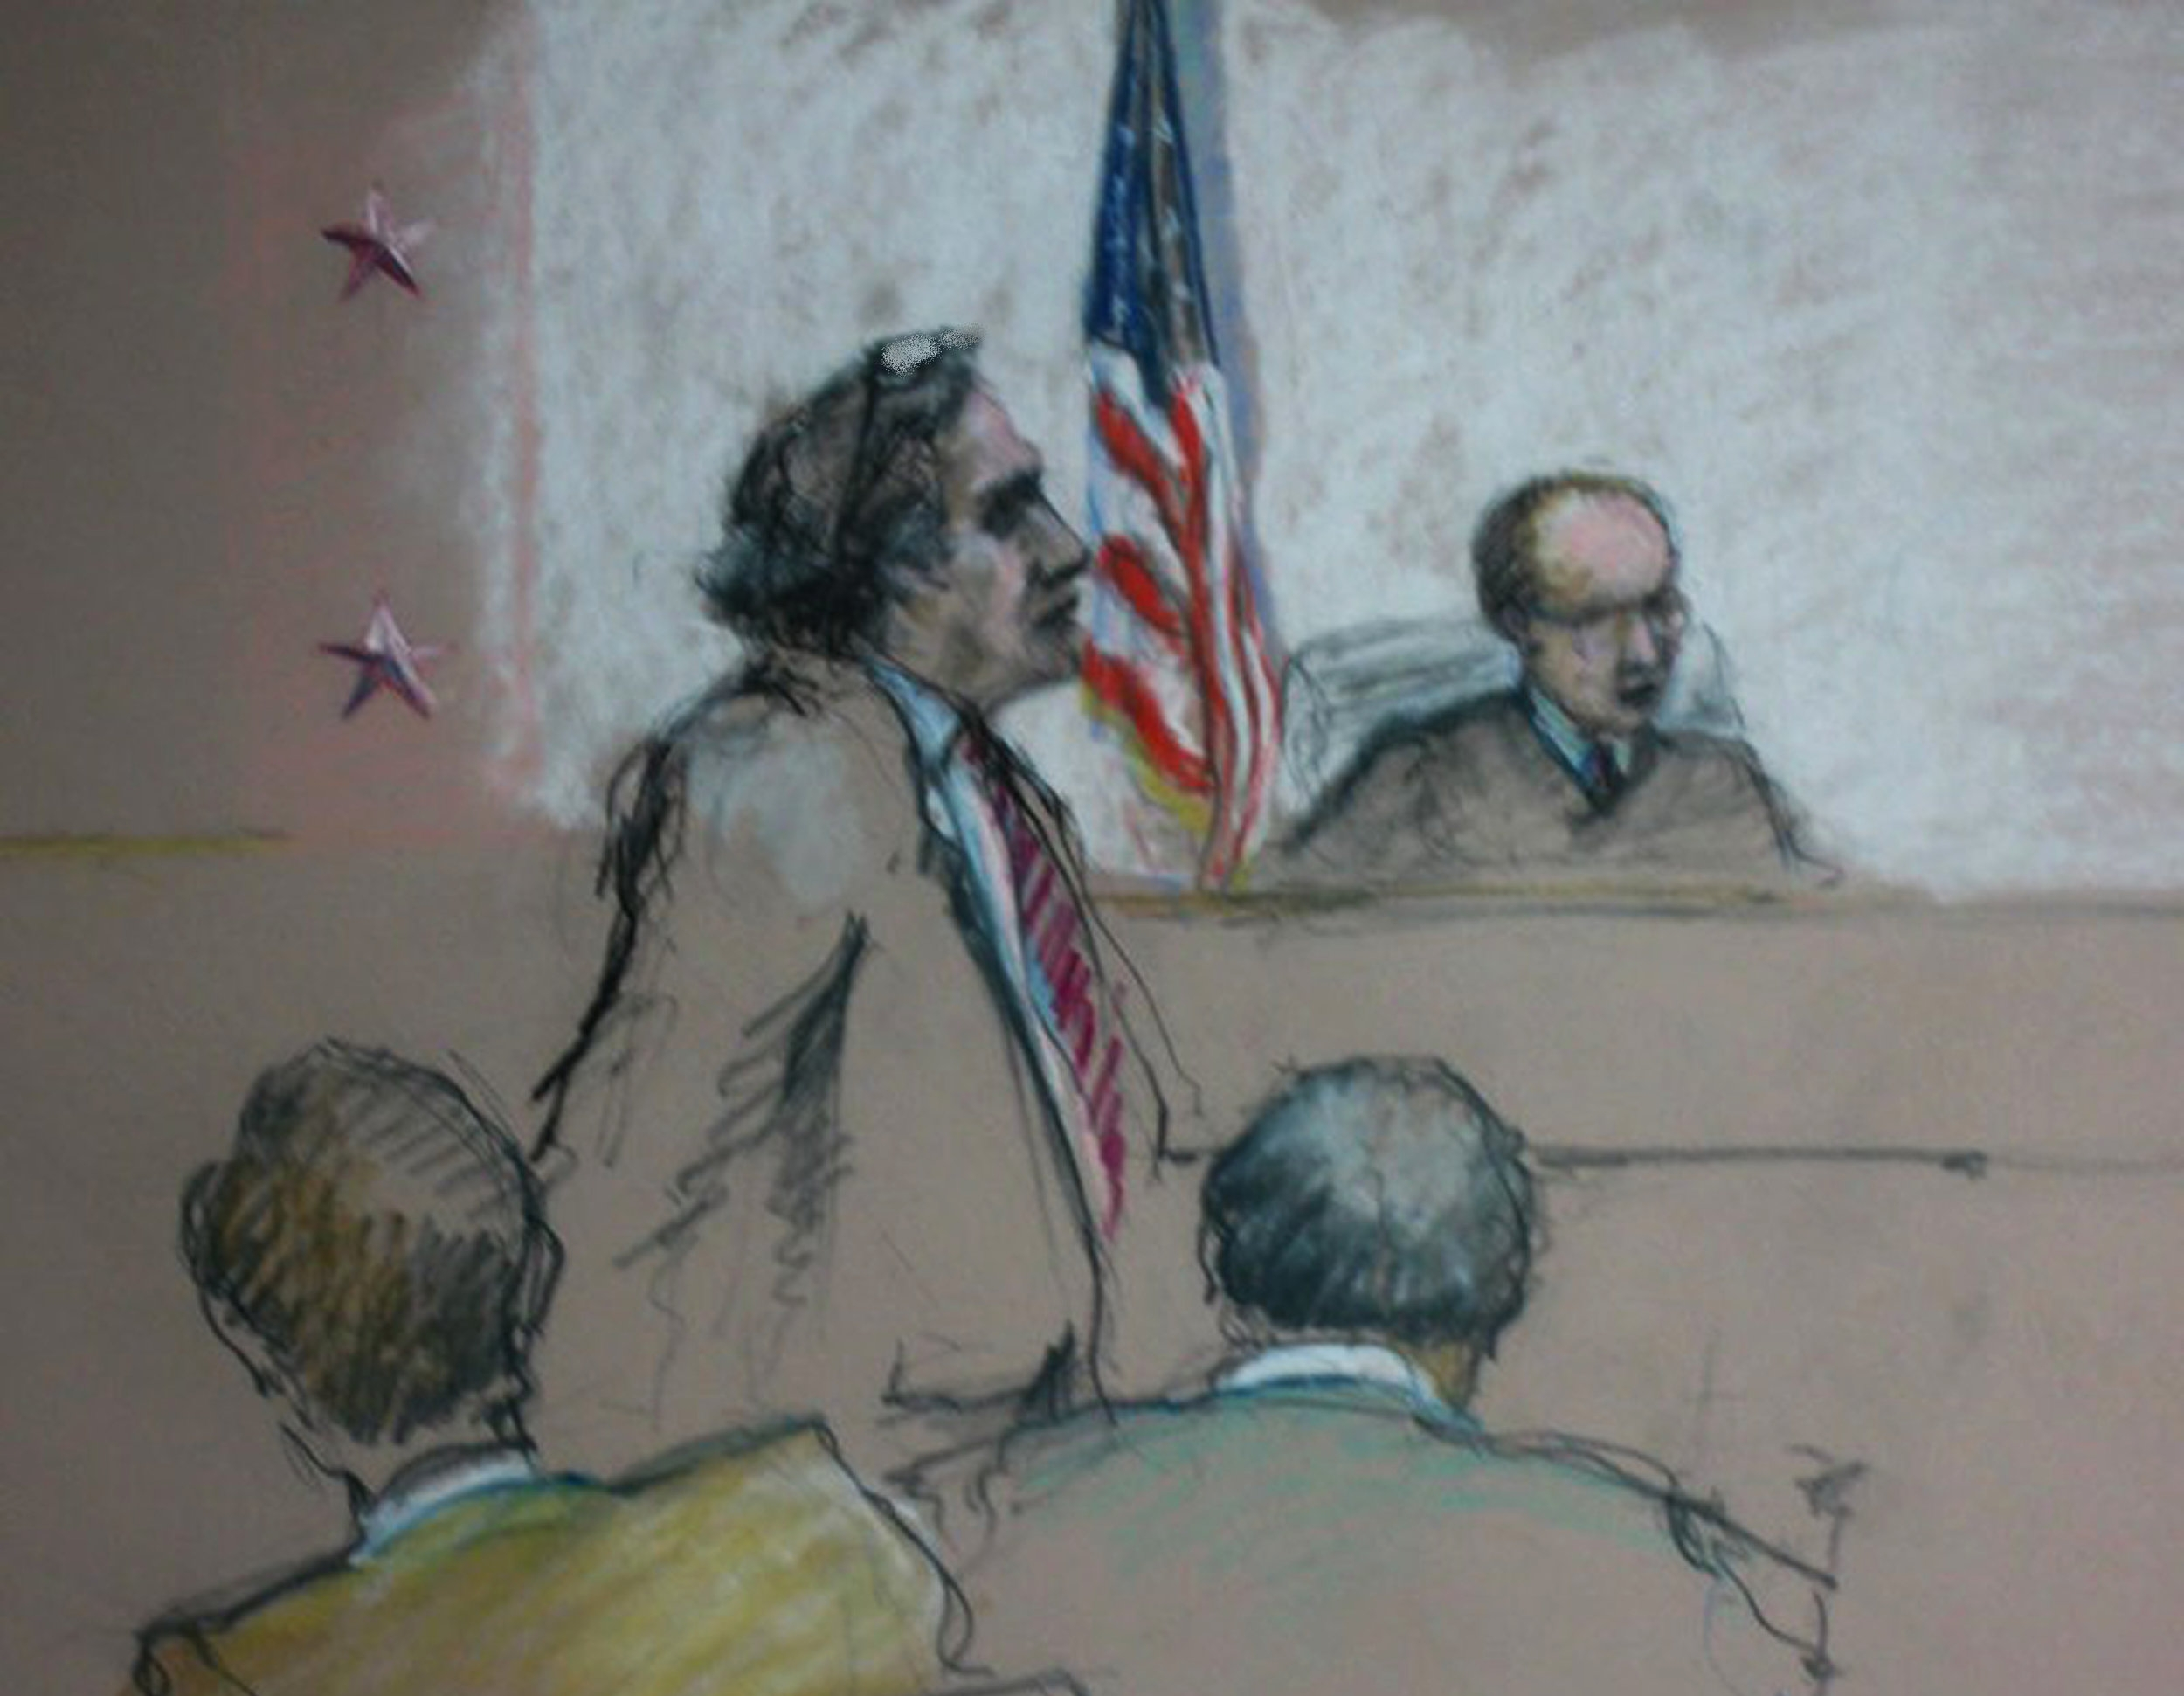 William Kunstler, defense attorney